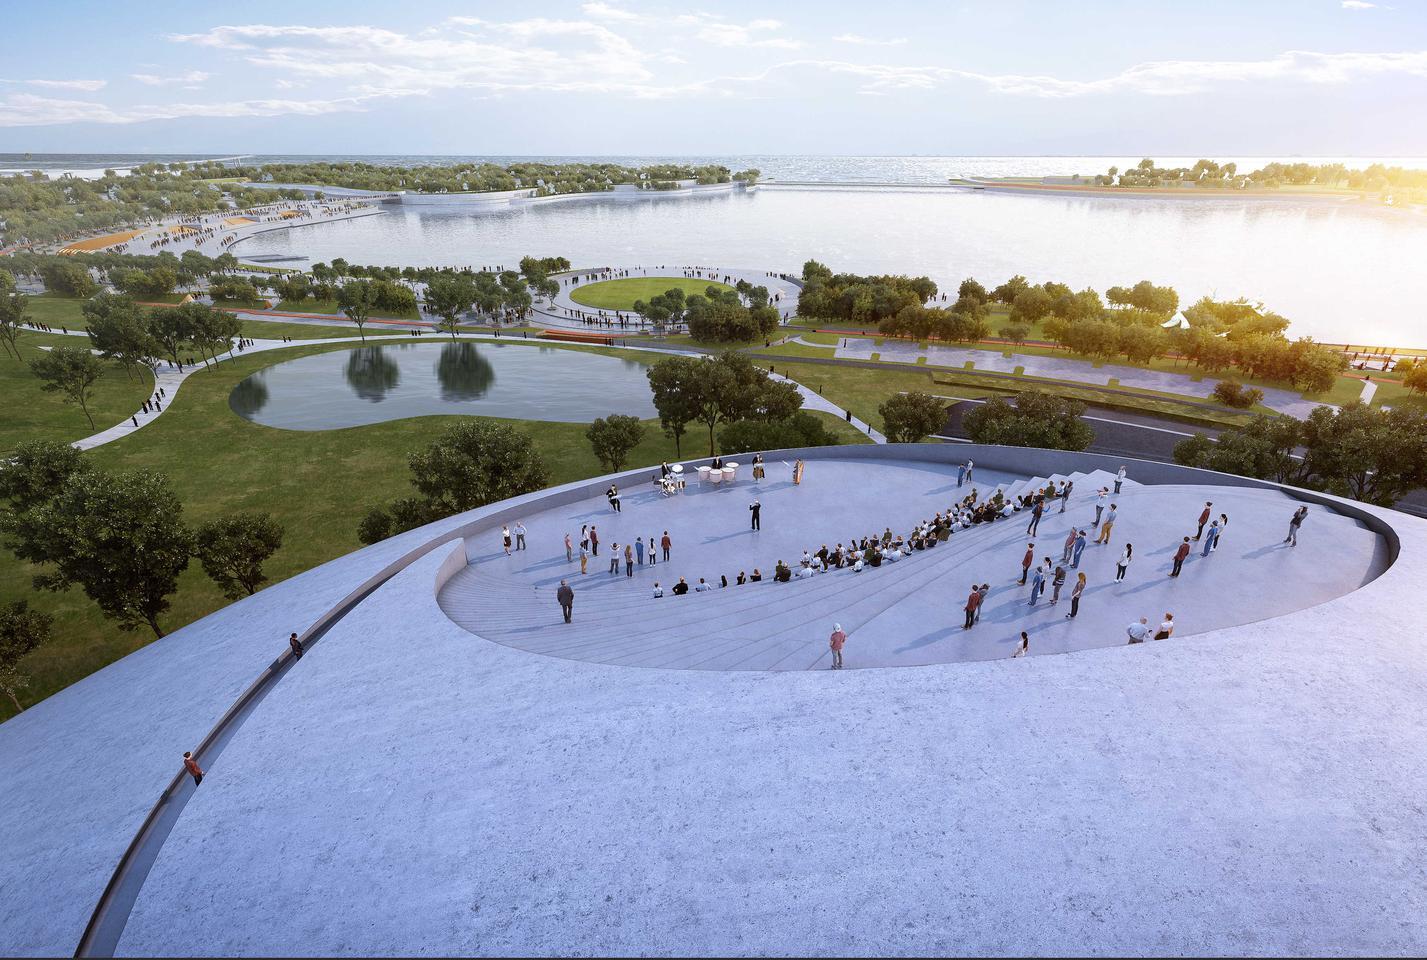 Парк культуры залива Шэньчжэнь будет включать смотровую площадку с видом на залив Шэньчжэнь и горизонт города.